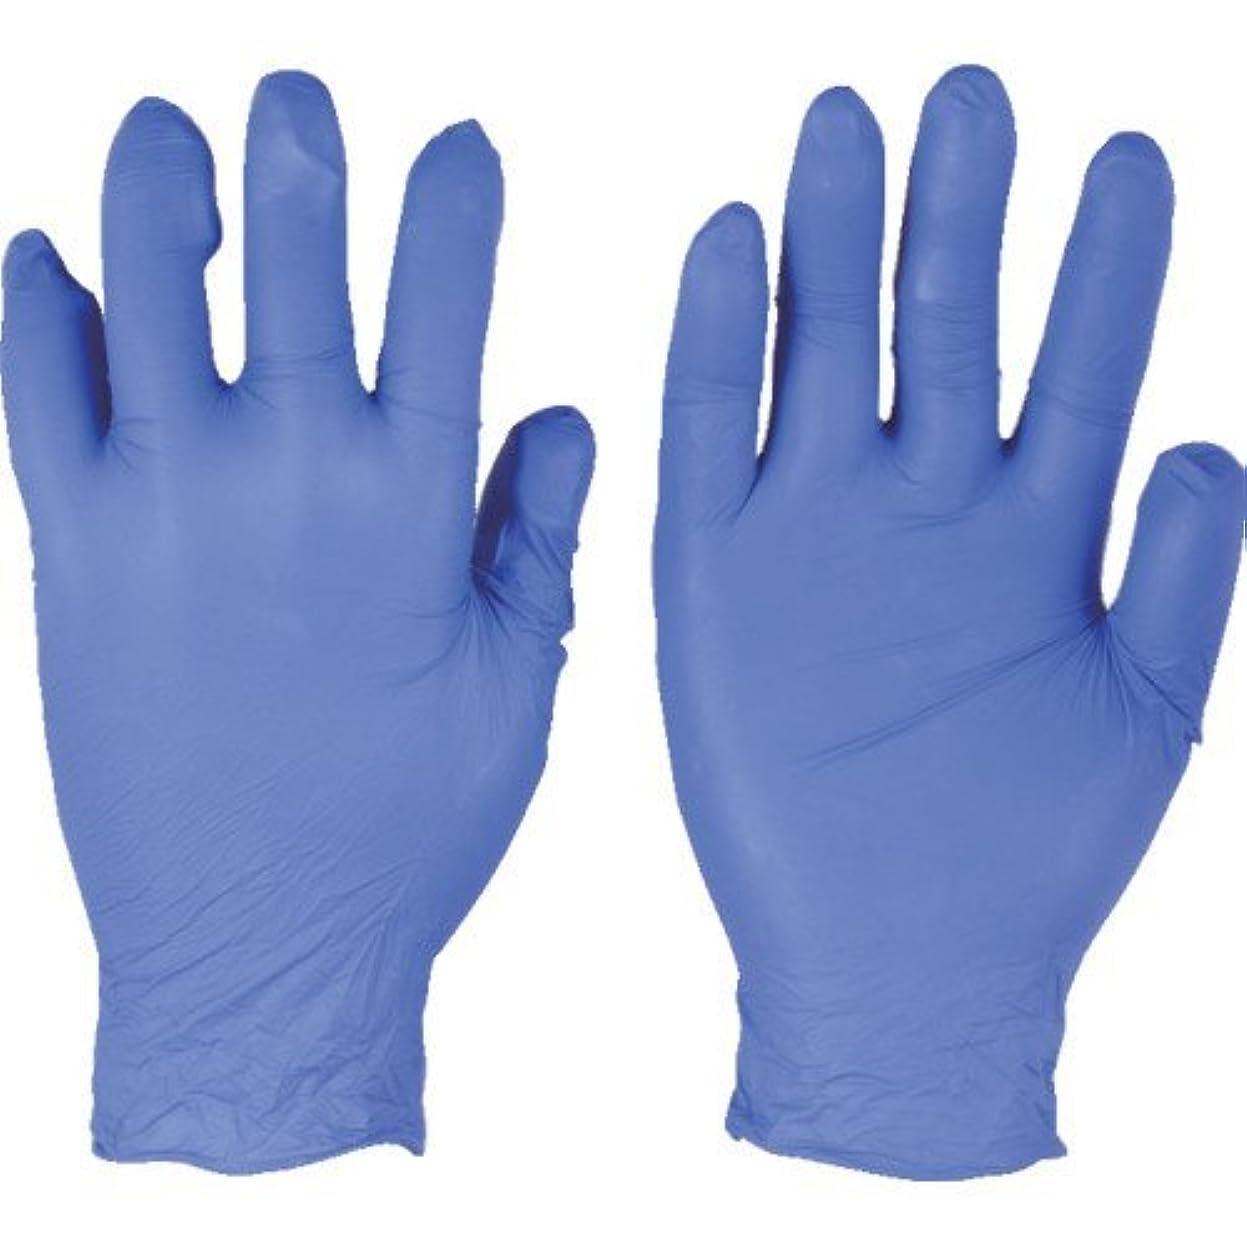 全体通行人癒すトラスコ中山 アンセル ニトリルゴム使い捨て手袋 エッジ 82-133 Lサイズ(300枚入り)  (300枚入) 821339